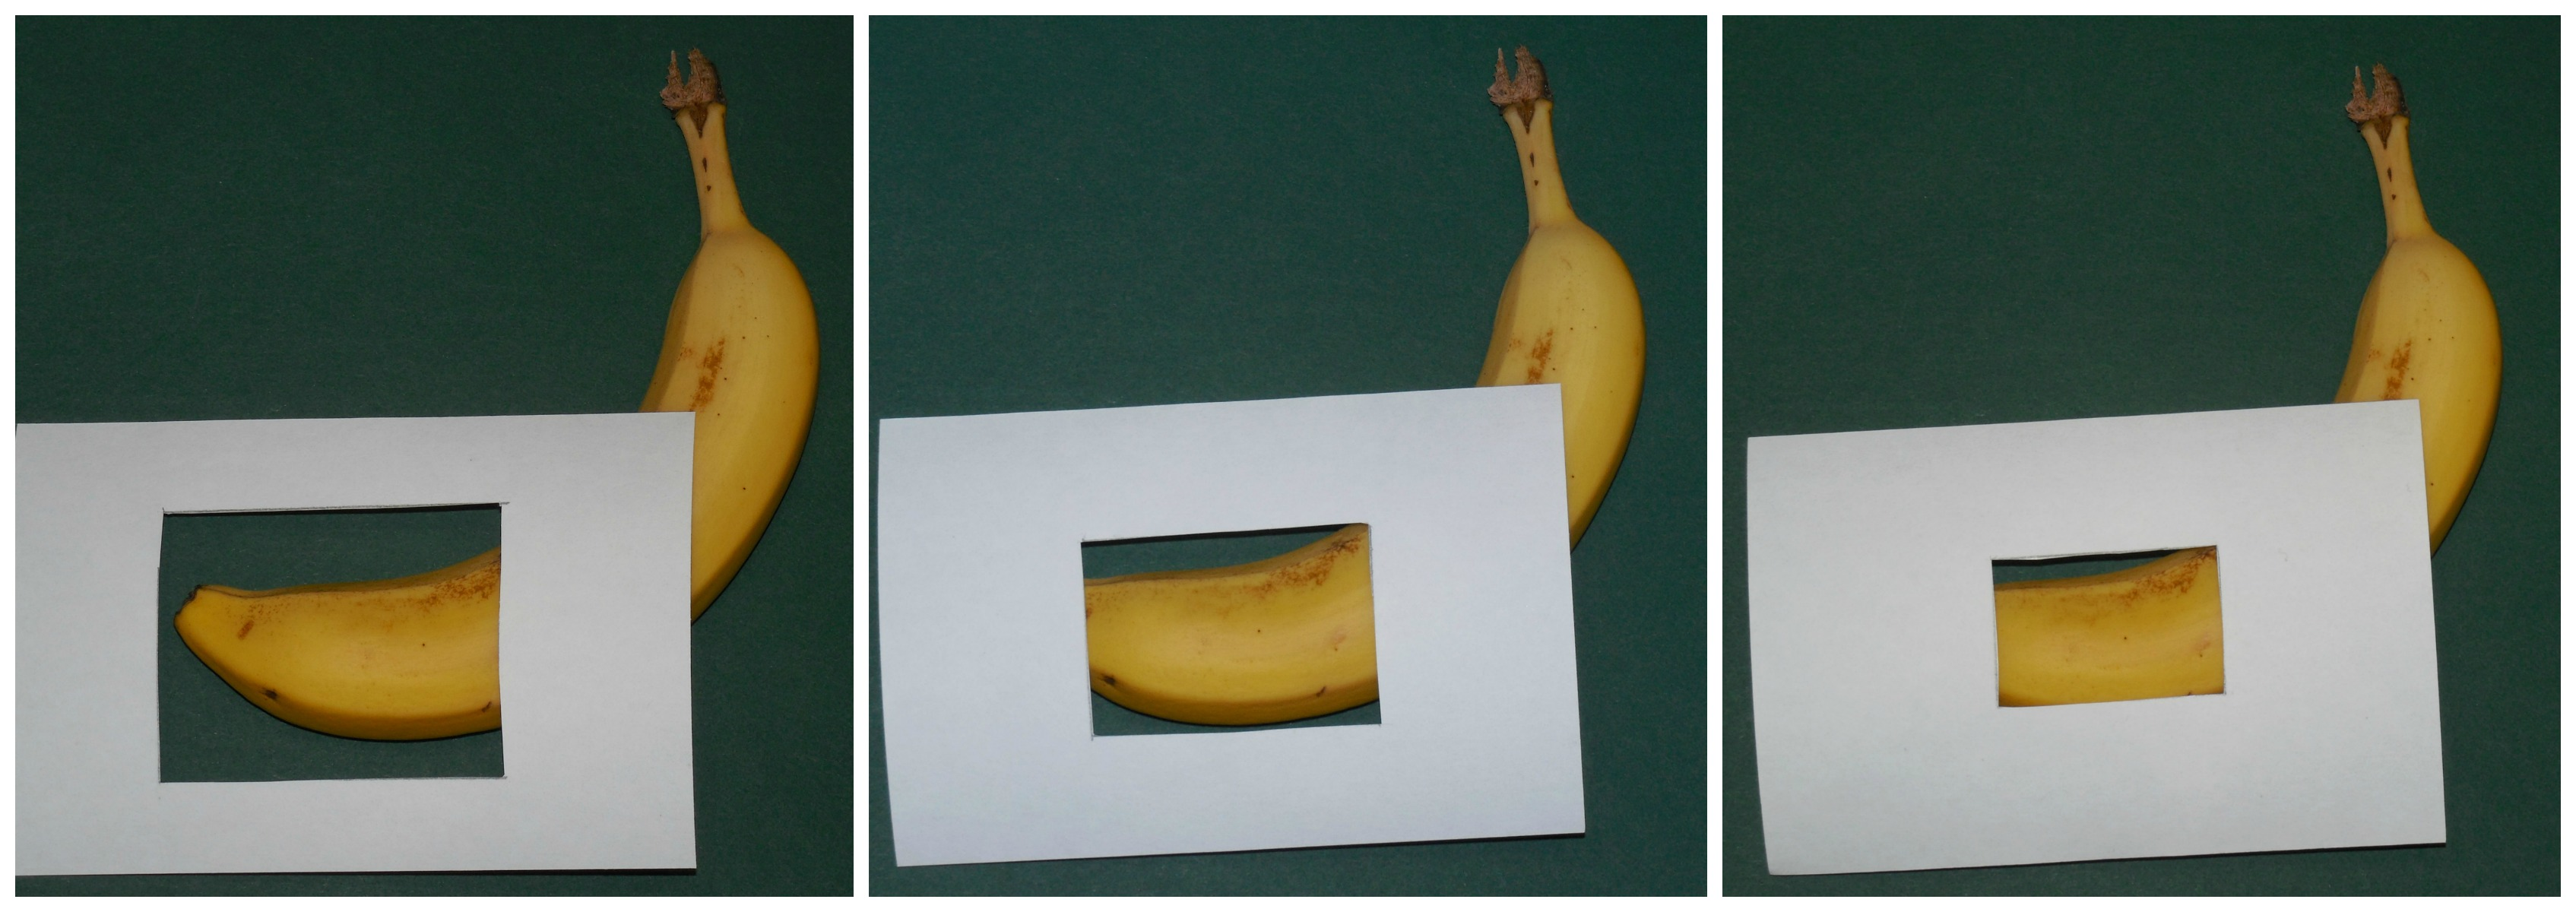 banana_frames